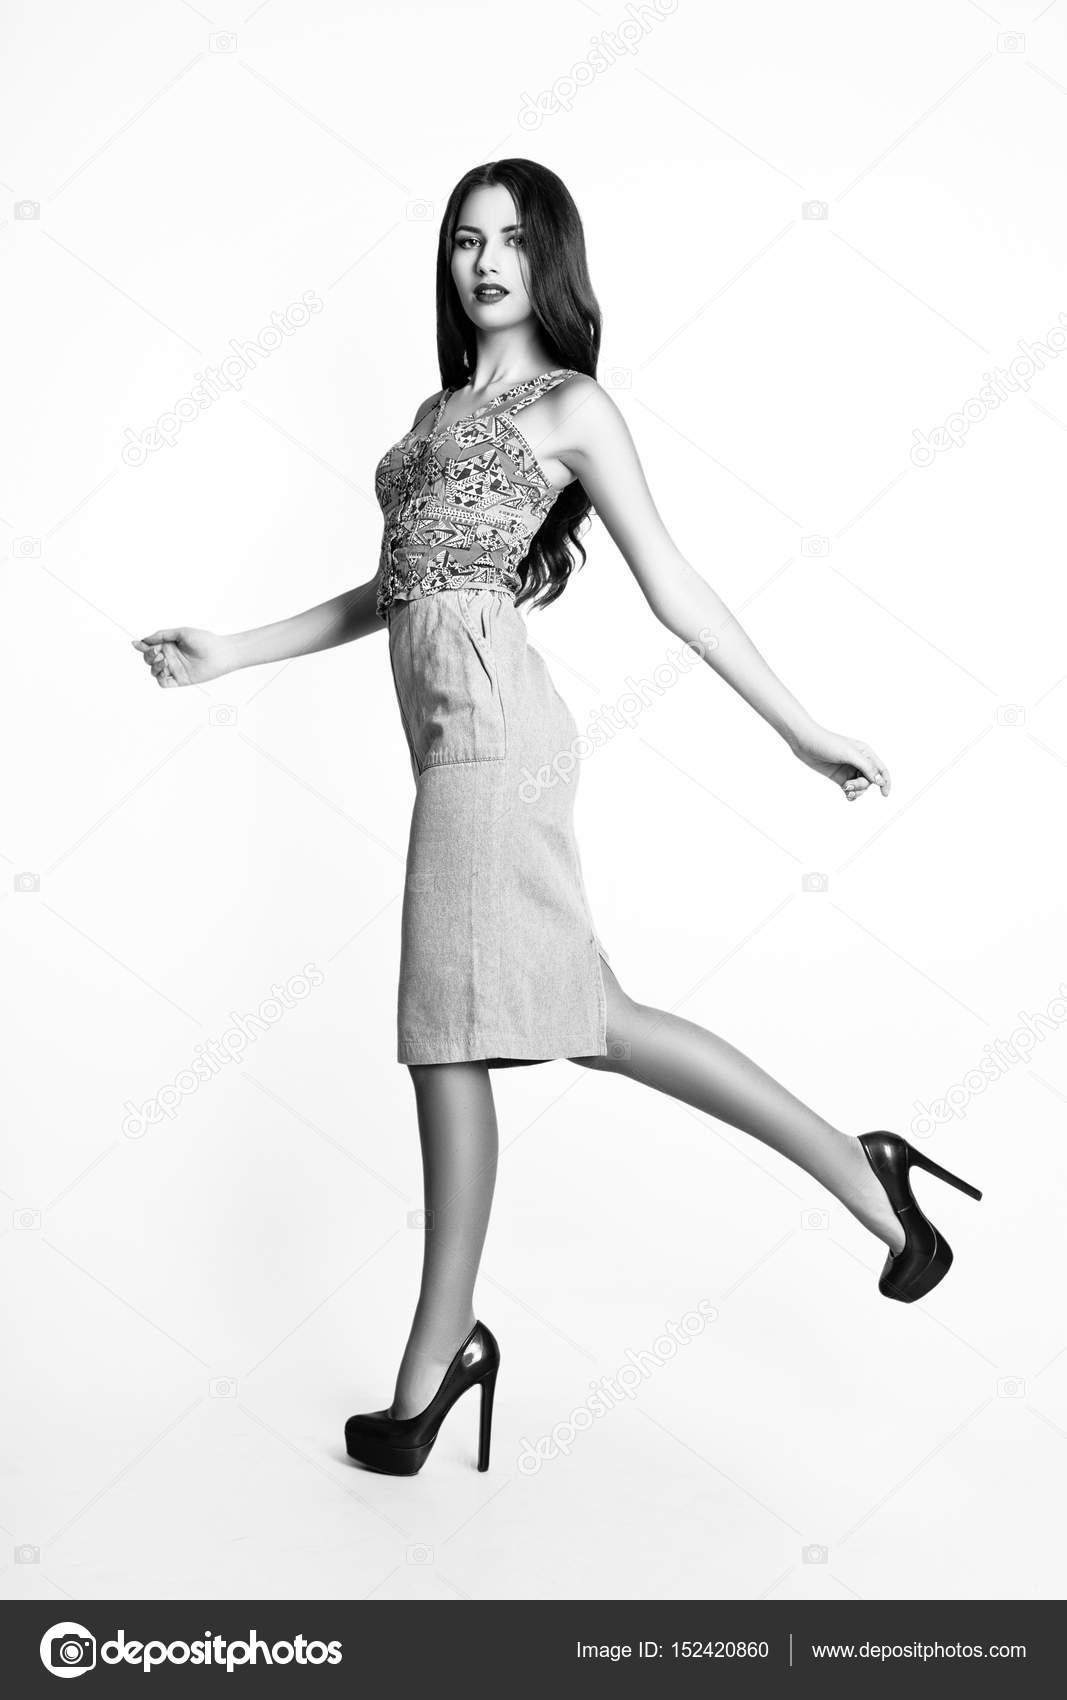 Modefoto jungen Frau auf schwarzem Hintergrund. Gekleidet in ein blaues Top  mit Ornament und einen Jeansrock. Mädchen posiert. Studio Foto. 0261e48169